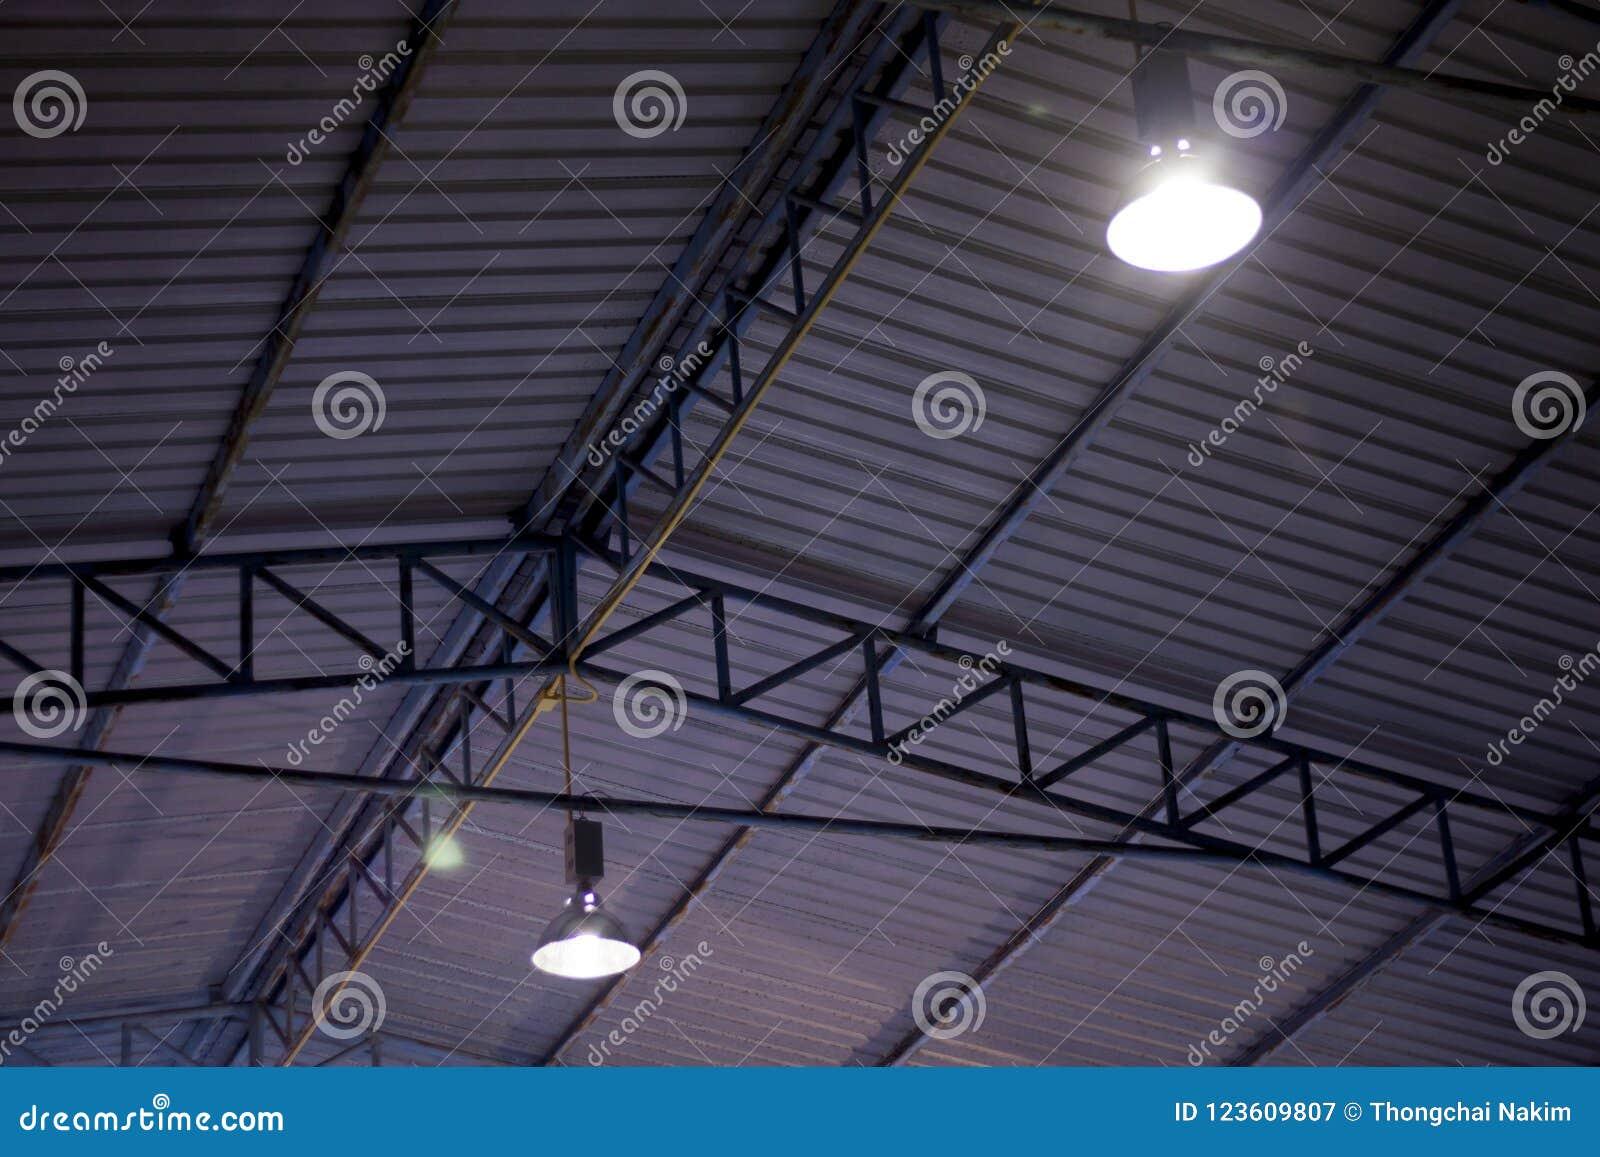 屋顶钢结构